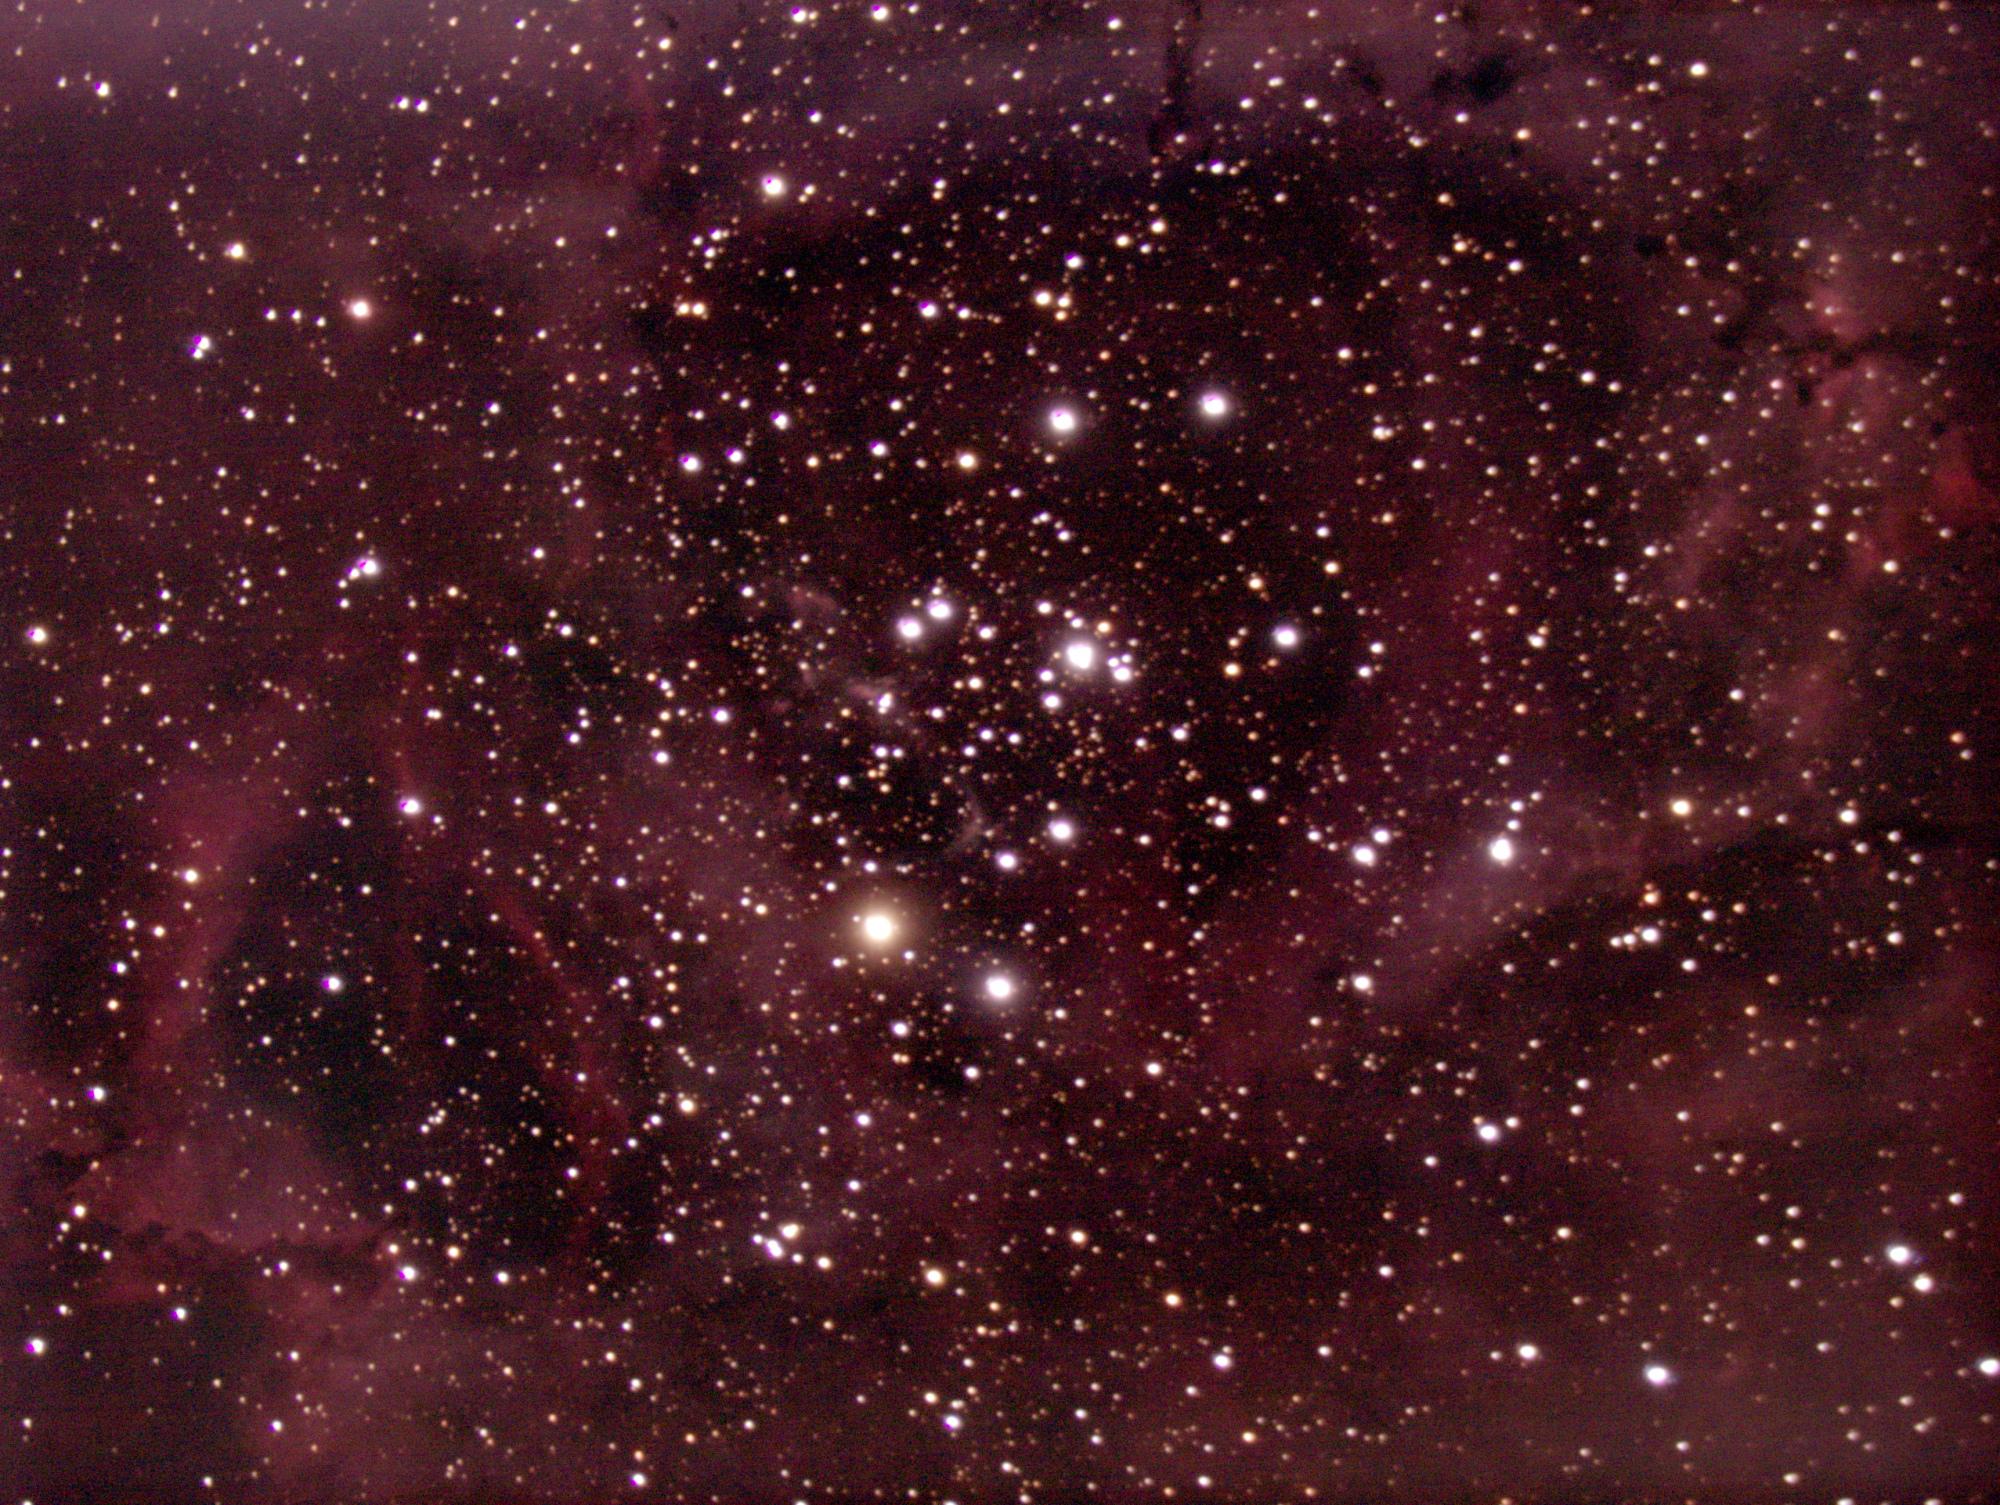 NGC2244_Version2.thumb.jpg.386890ce2e3b86426db1b5e034e18bb2.jpg